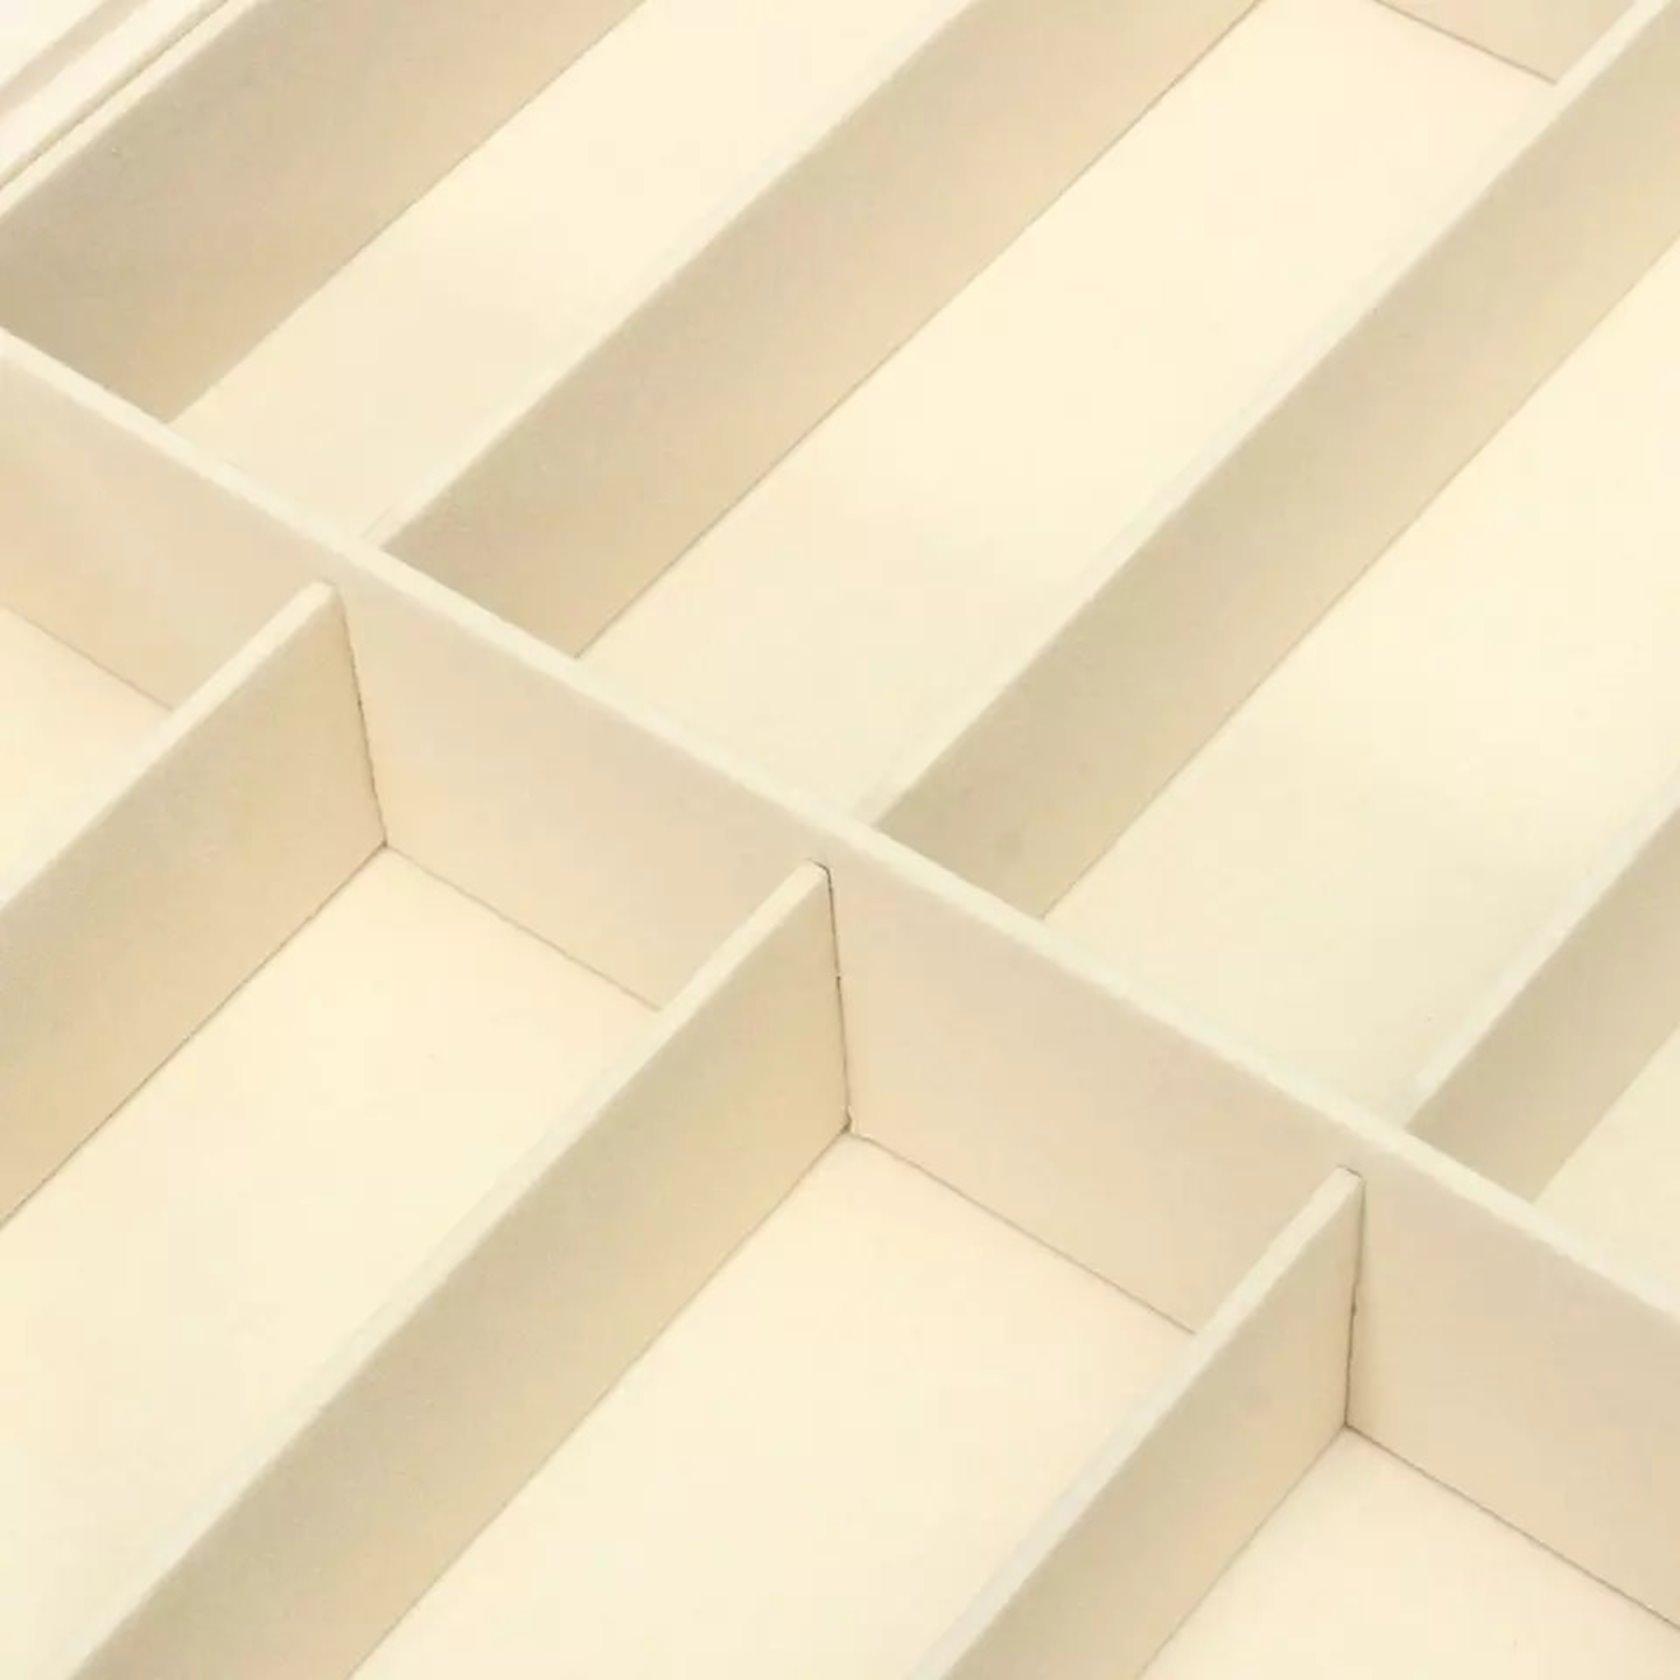 Orqanayzer Baku Home Decor, eynək üçün, qara, 8 bölmə, 33.5x24.5x8.5 sm